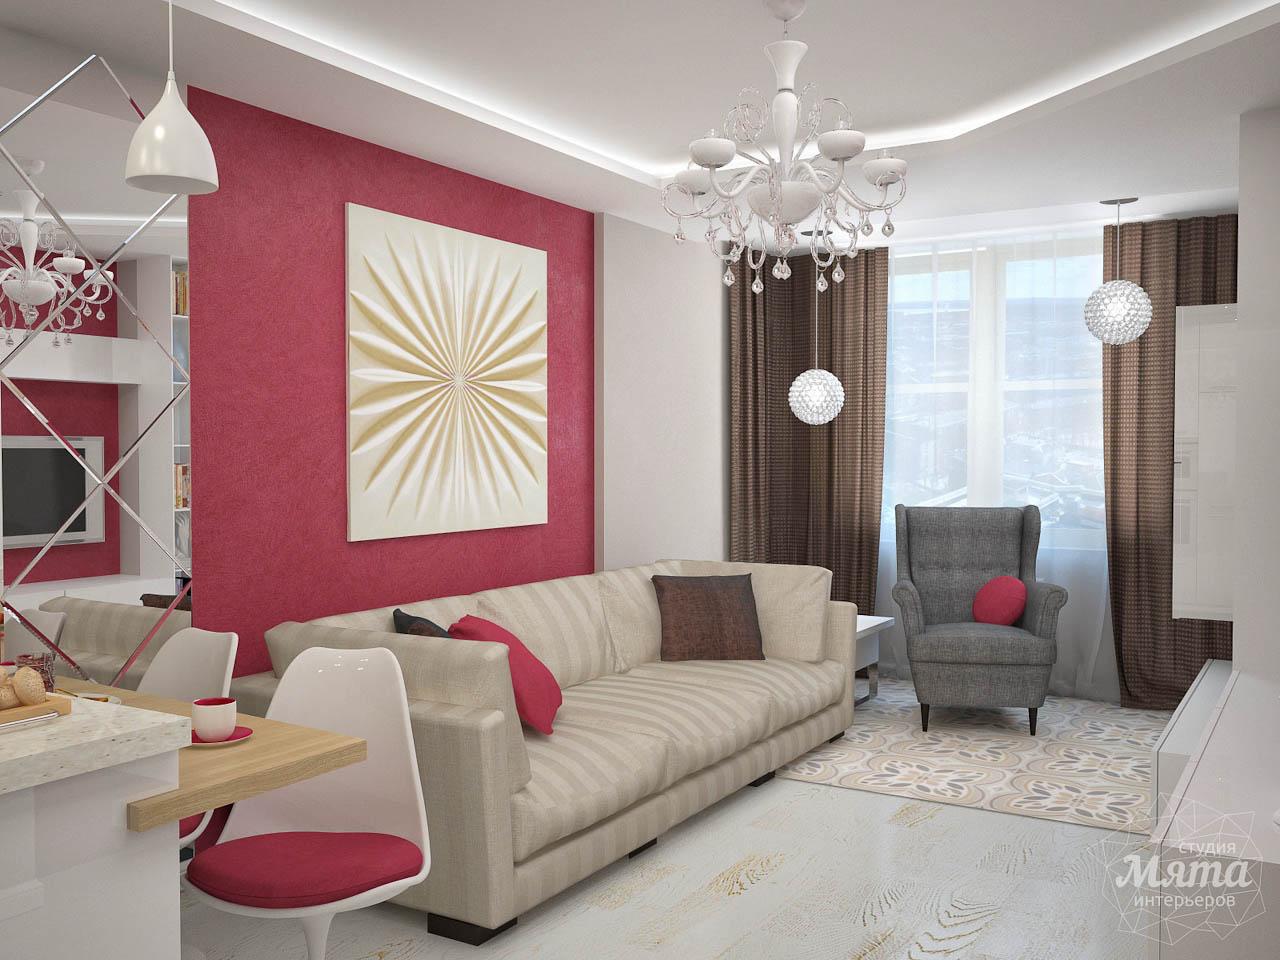 Дизайн интерьера и ремонт трехкомнатной квартиры по ул. Фучика 9 img995321719